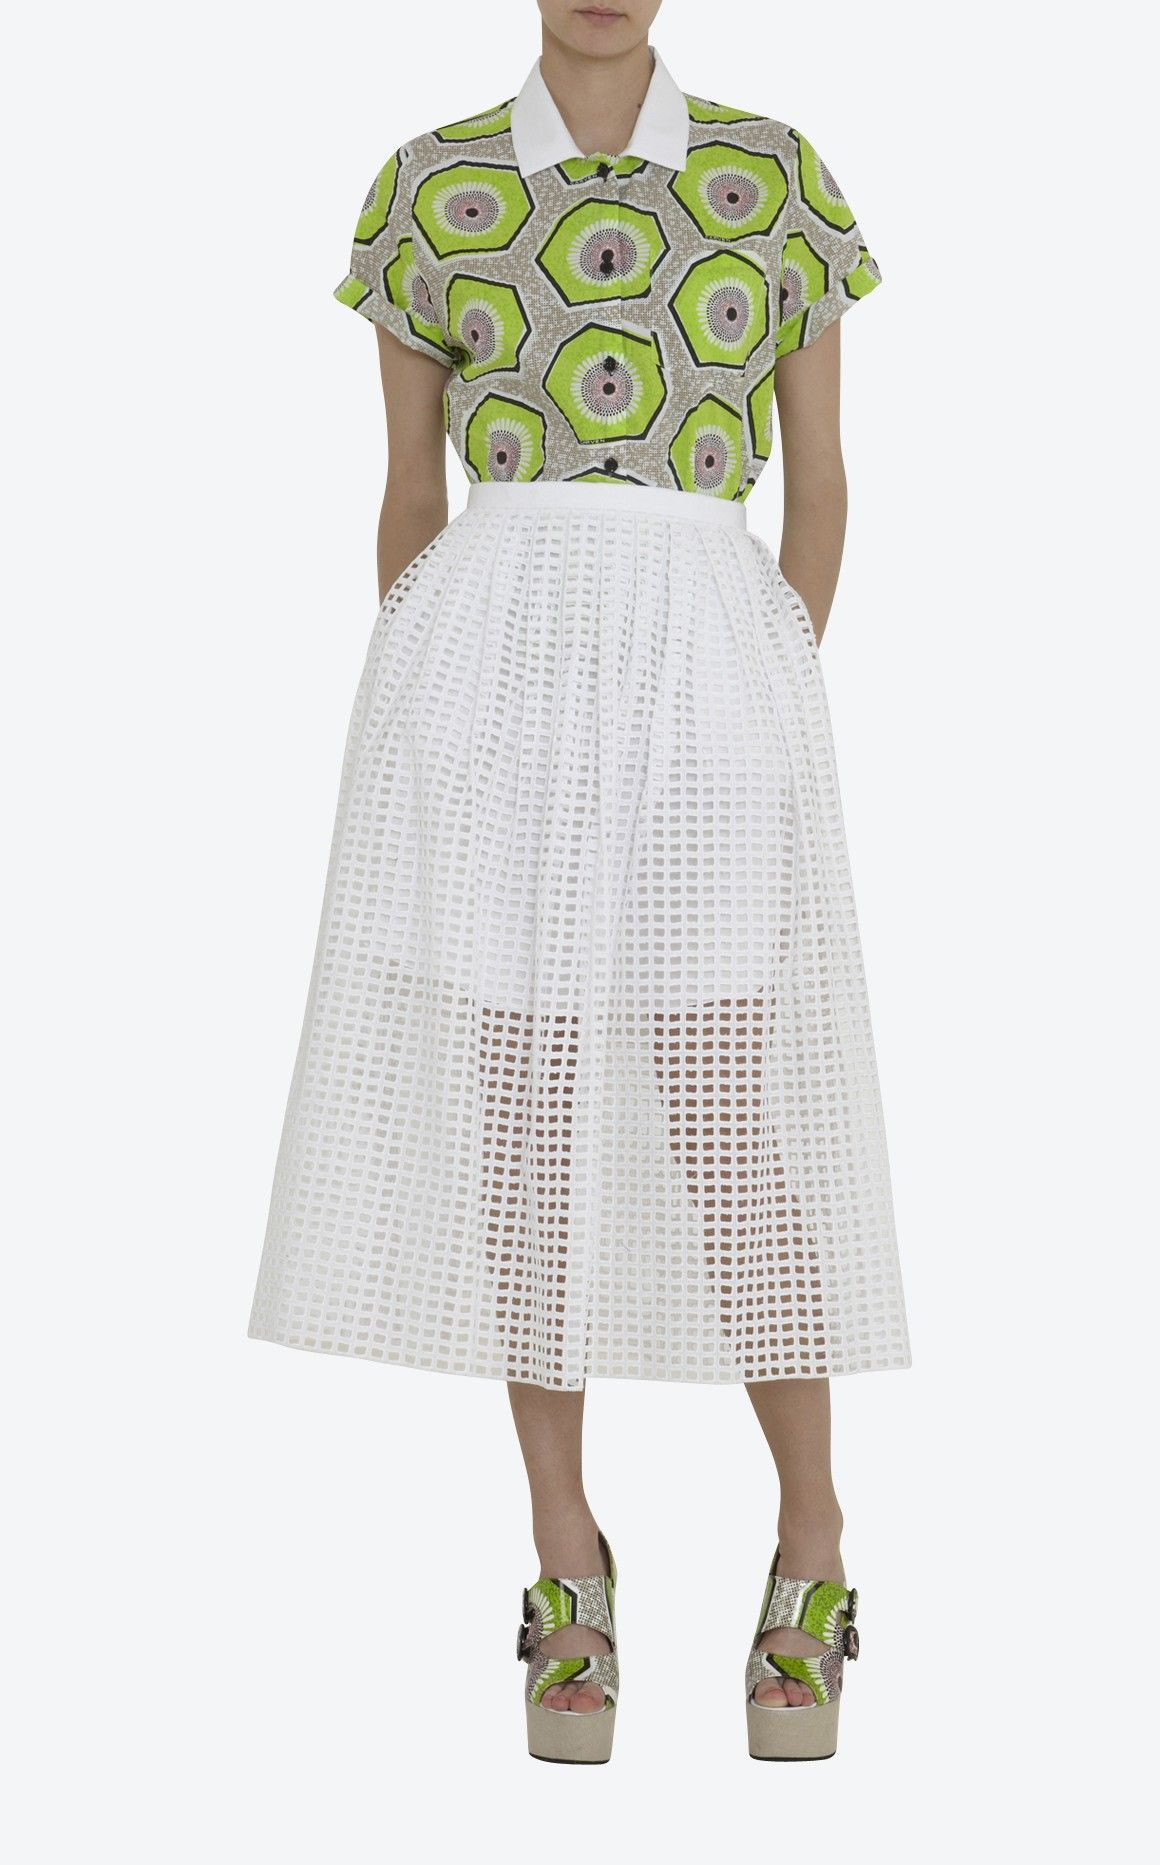 Jupe blanche en broderie ajourée doublée en liquette de coton blanc, poches  fendues, zip milieu dos invisible Carven 8111df764e06